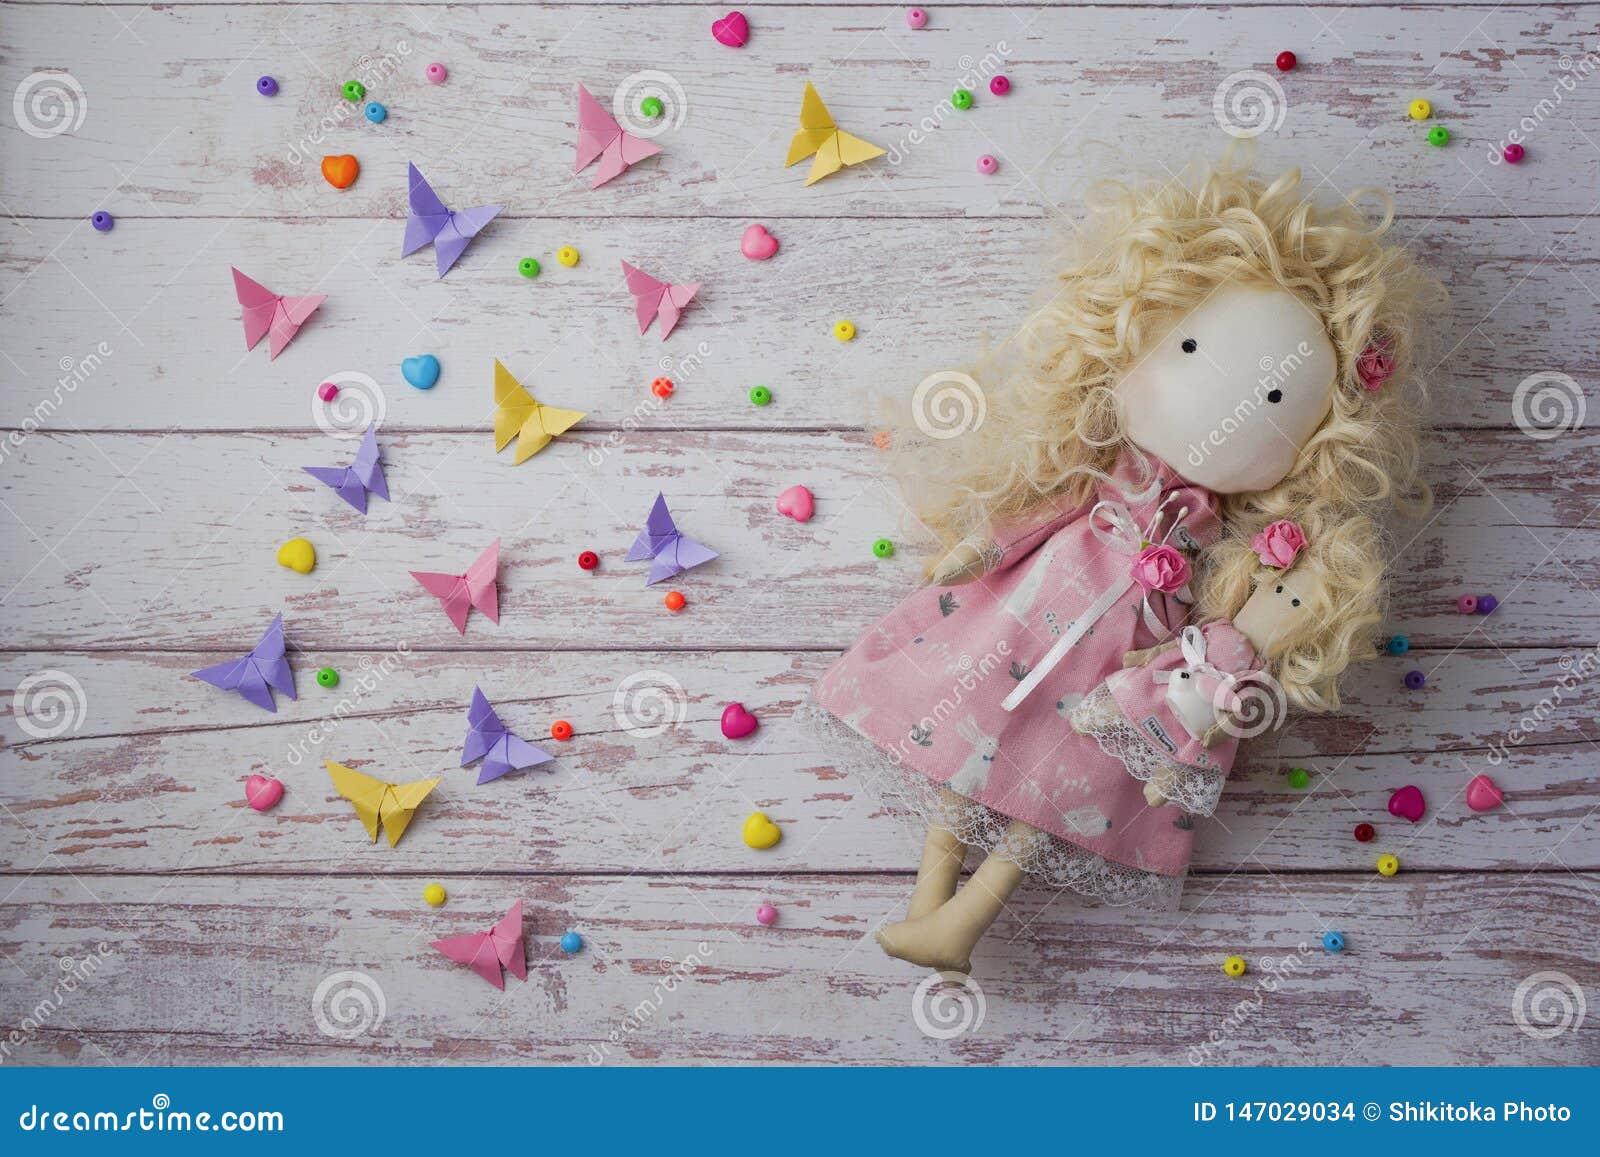 Boneca feito a mão da tela perto dos grânulos coloridos, borboletas de papel